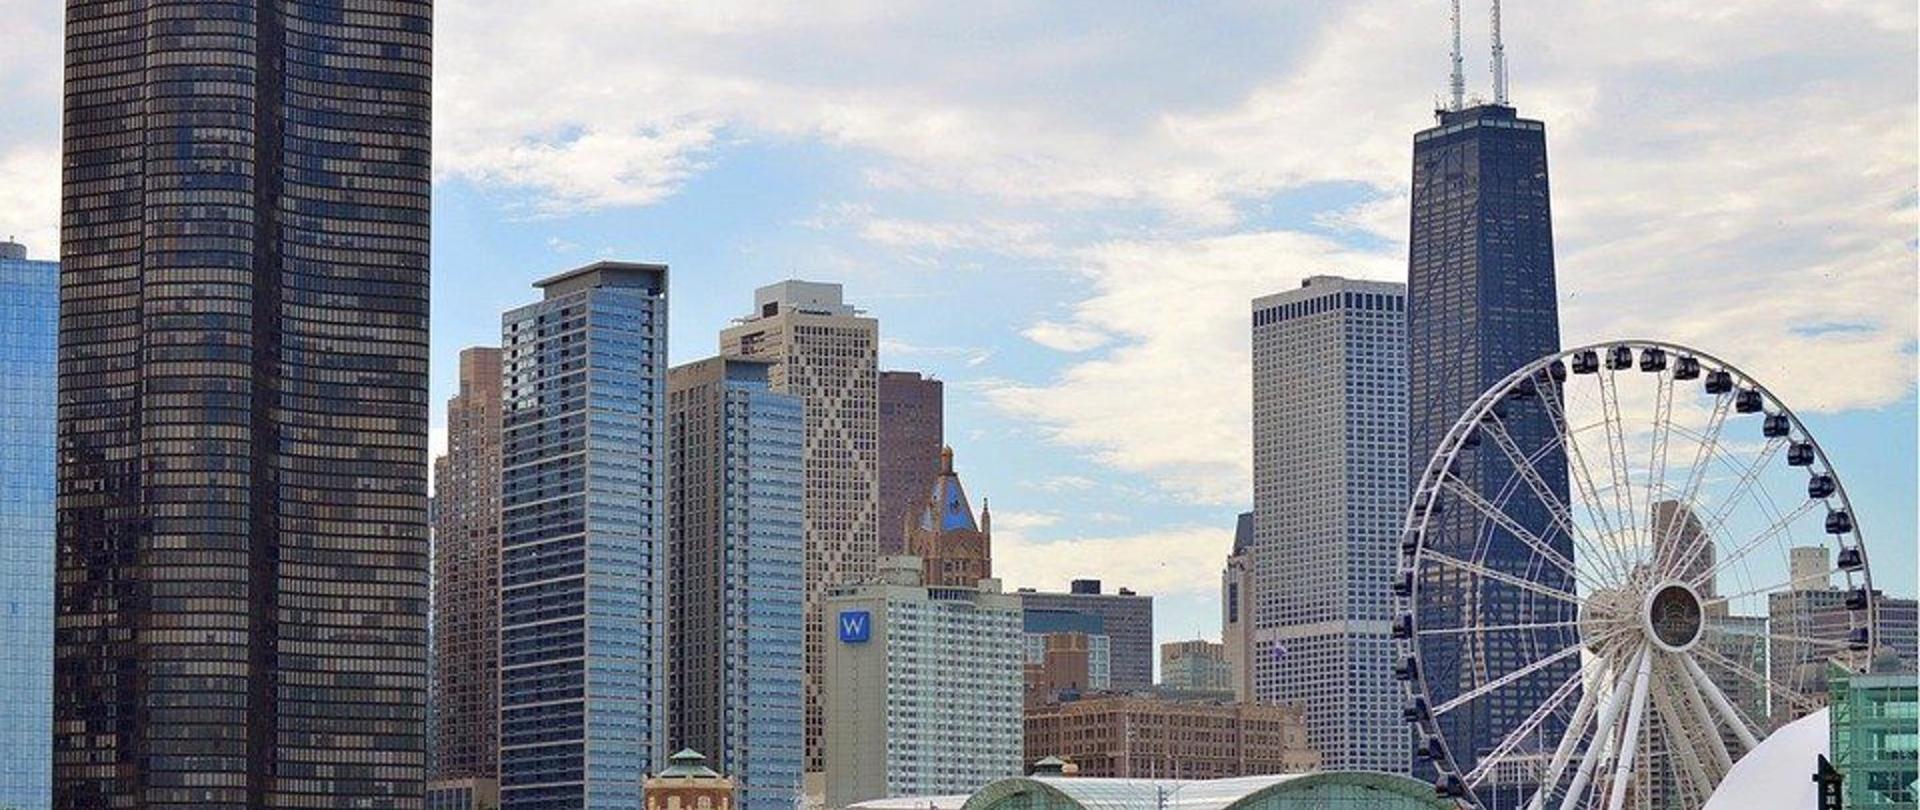 chicago-1535678_960_720.jpg